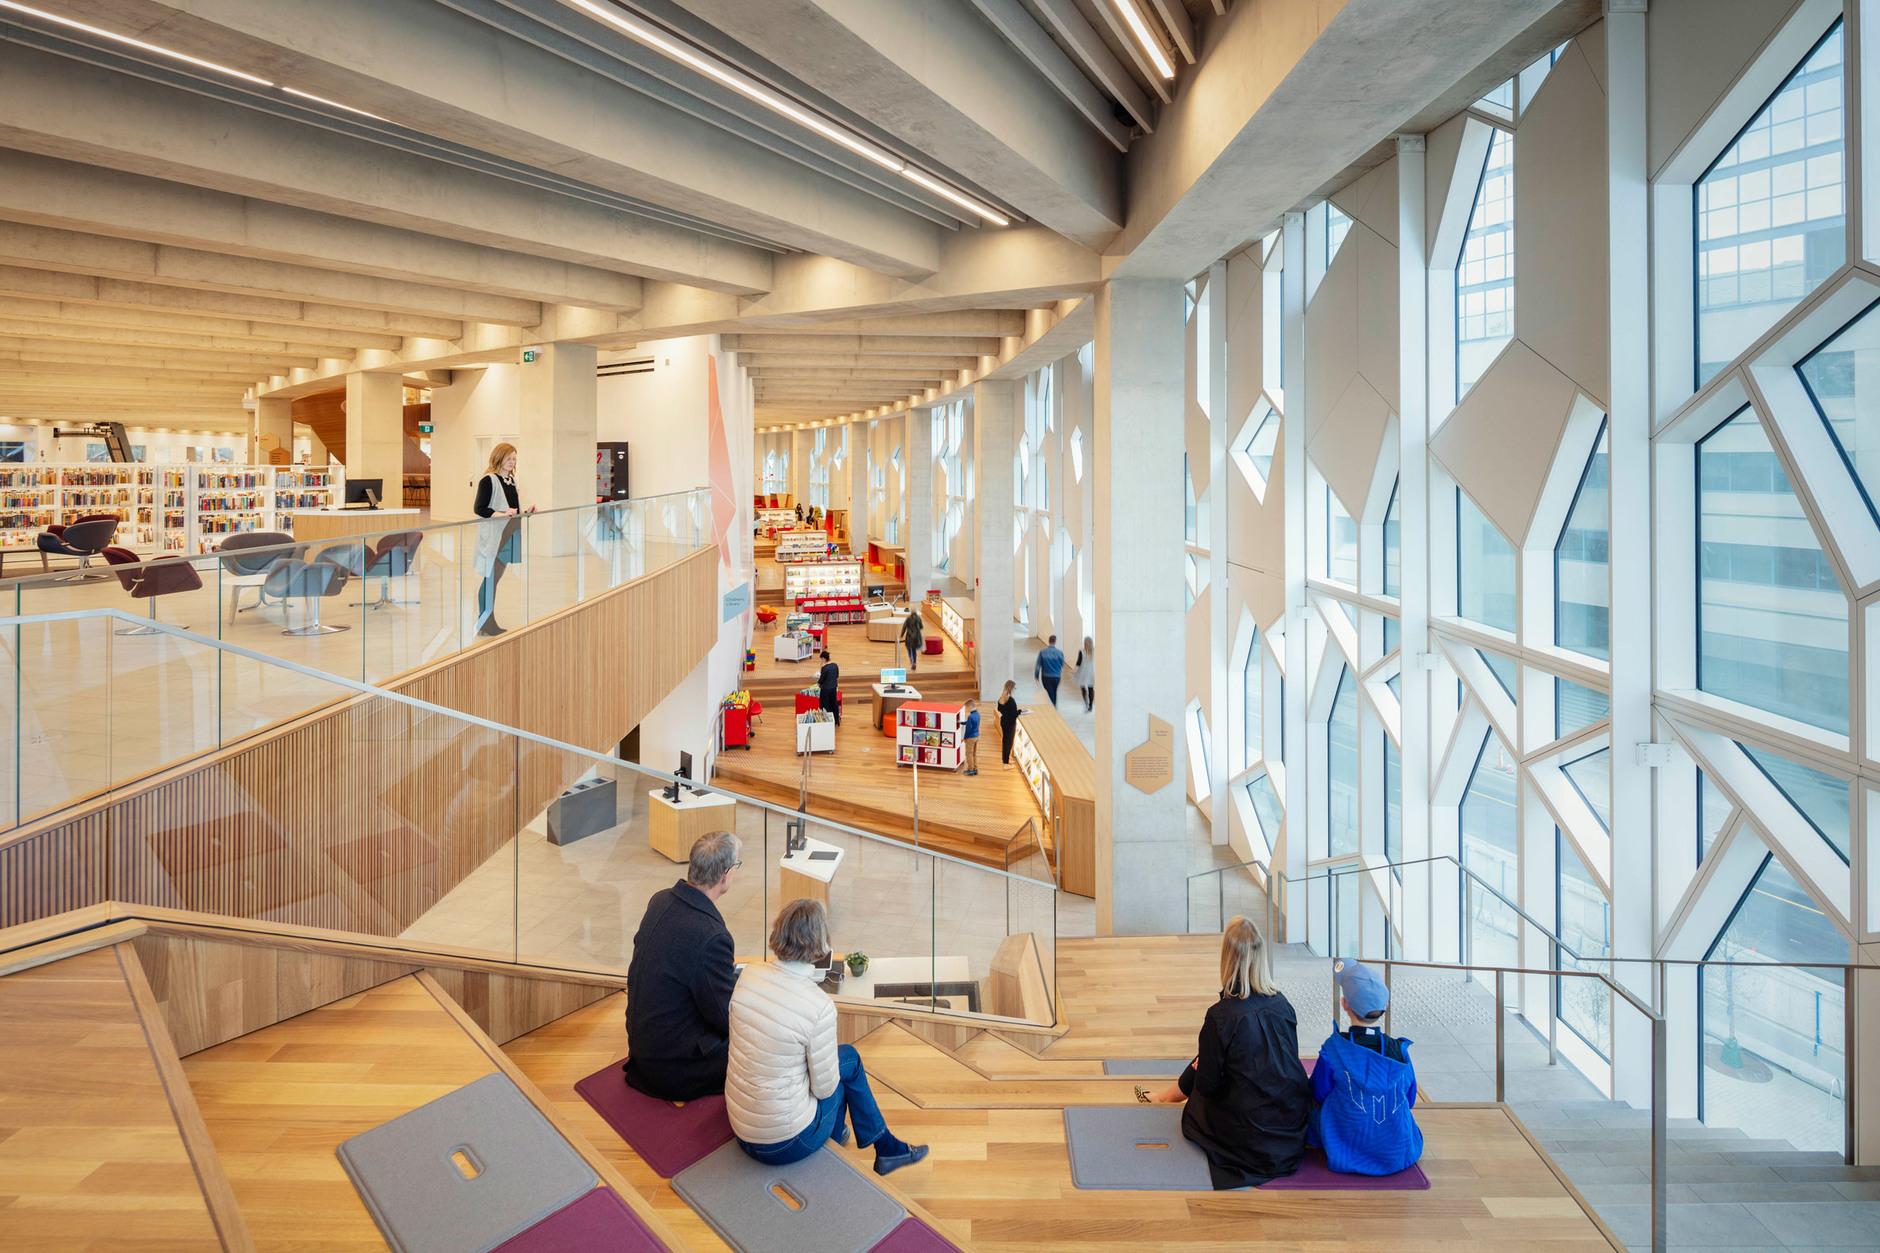 В Калгари открылась городская библиотека по проекту Snøhetta (галерея 10, фото 3)